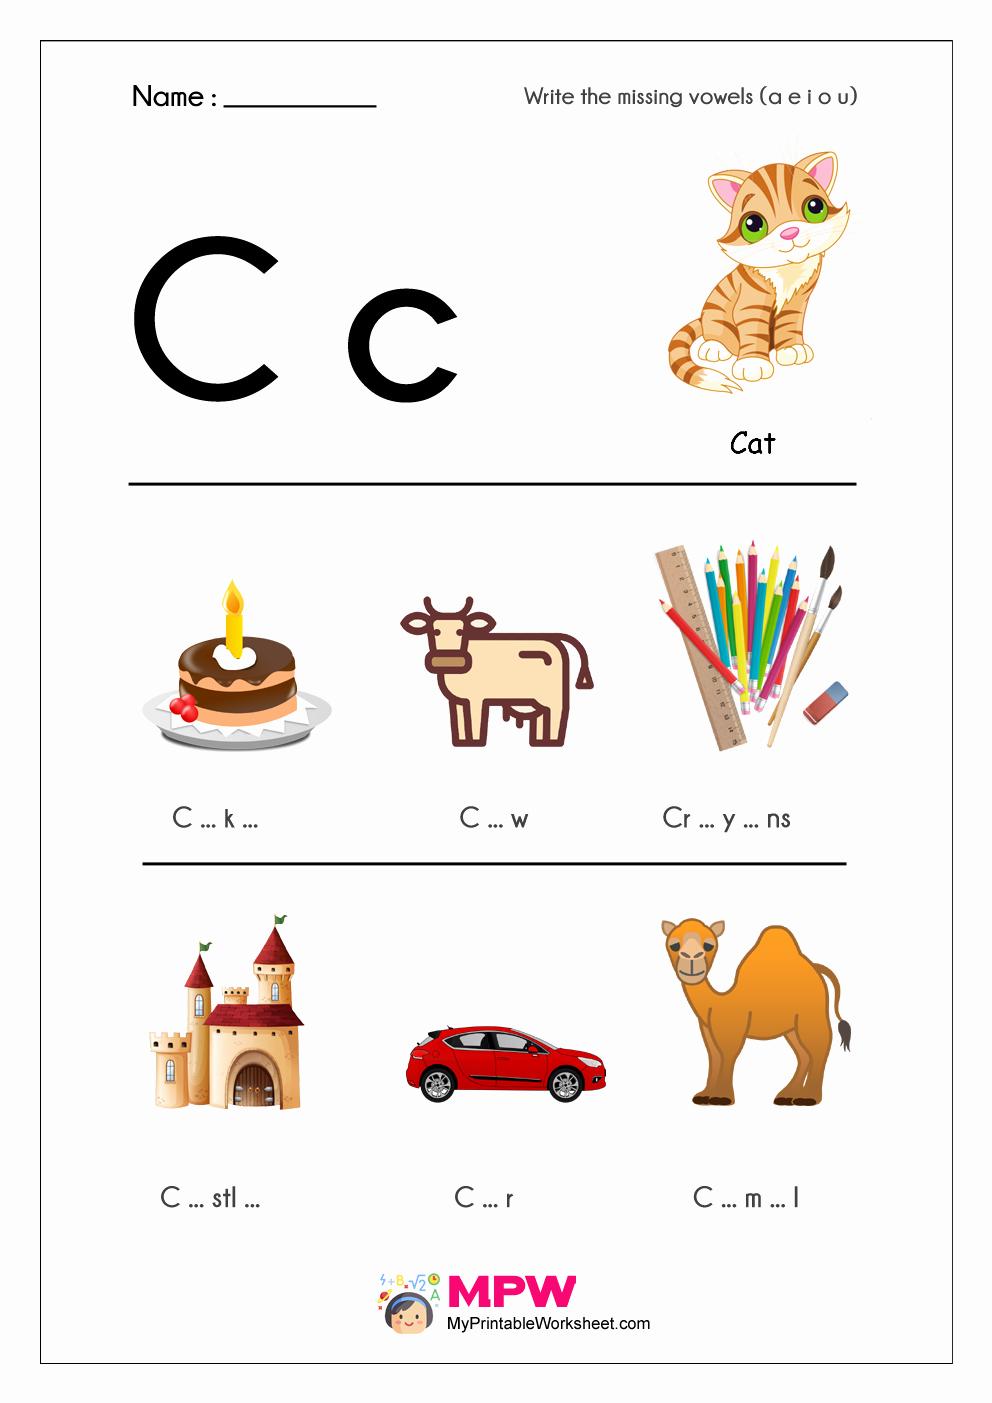 Vowel Worksheets for Kindergarten Beautiful Missing Vowels Worksheets A E I O U Vowels Worksheets for